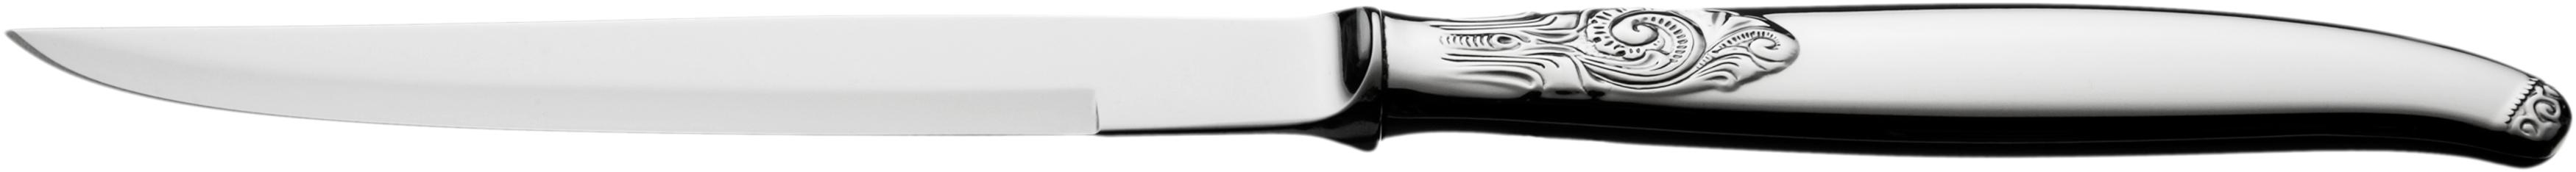 Biffkniv, Tele sølvbestikk